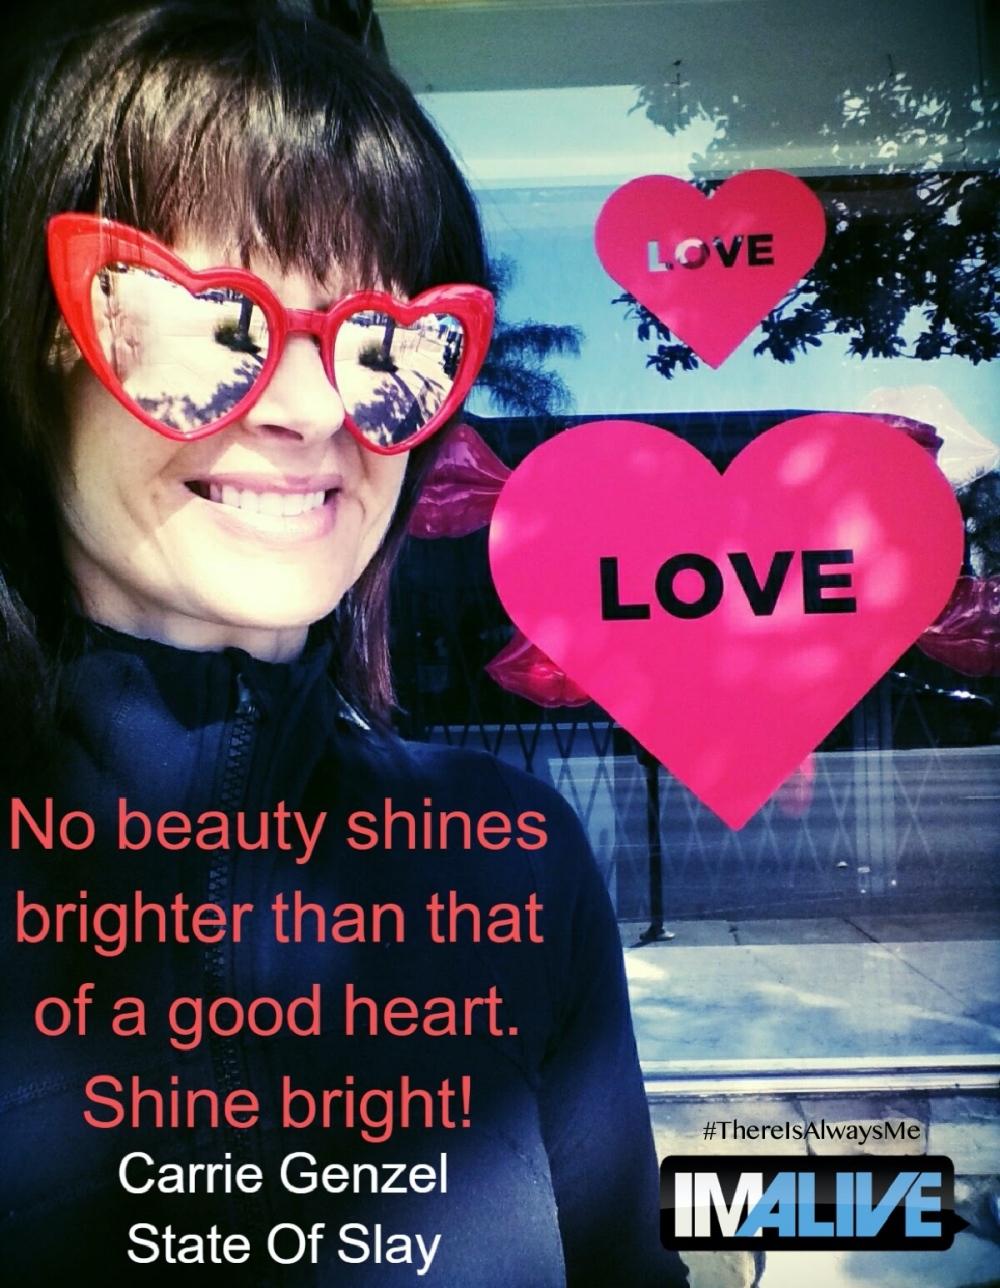 Carrie Genzel IMALIVE V-Day 2020